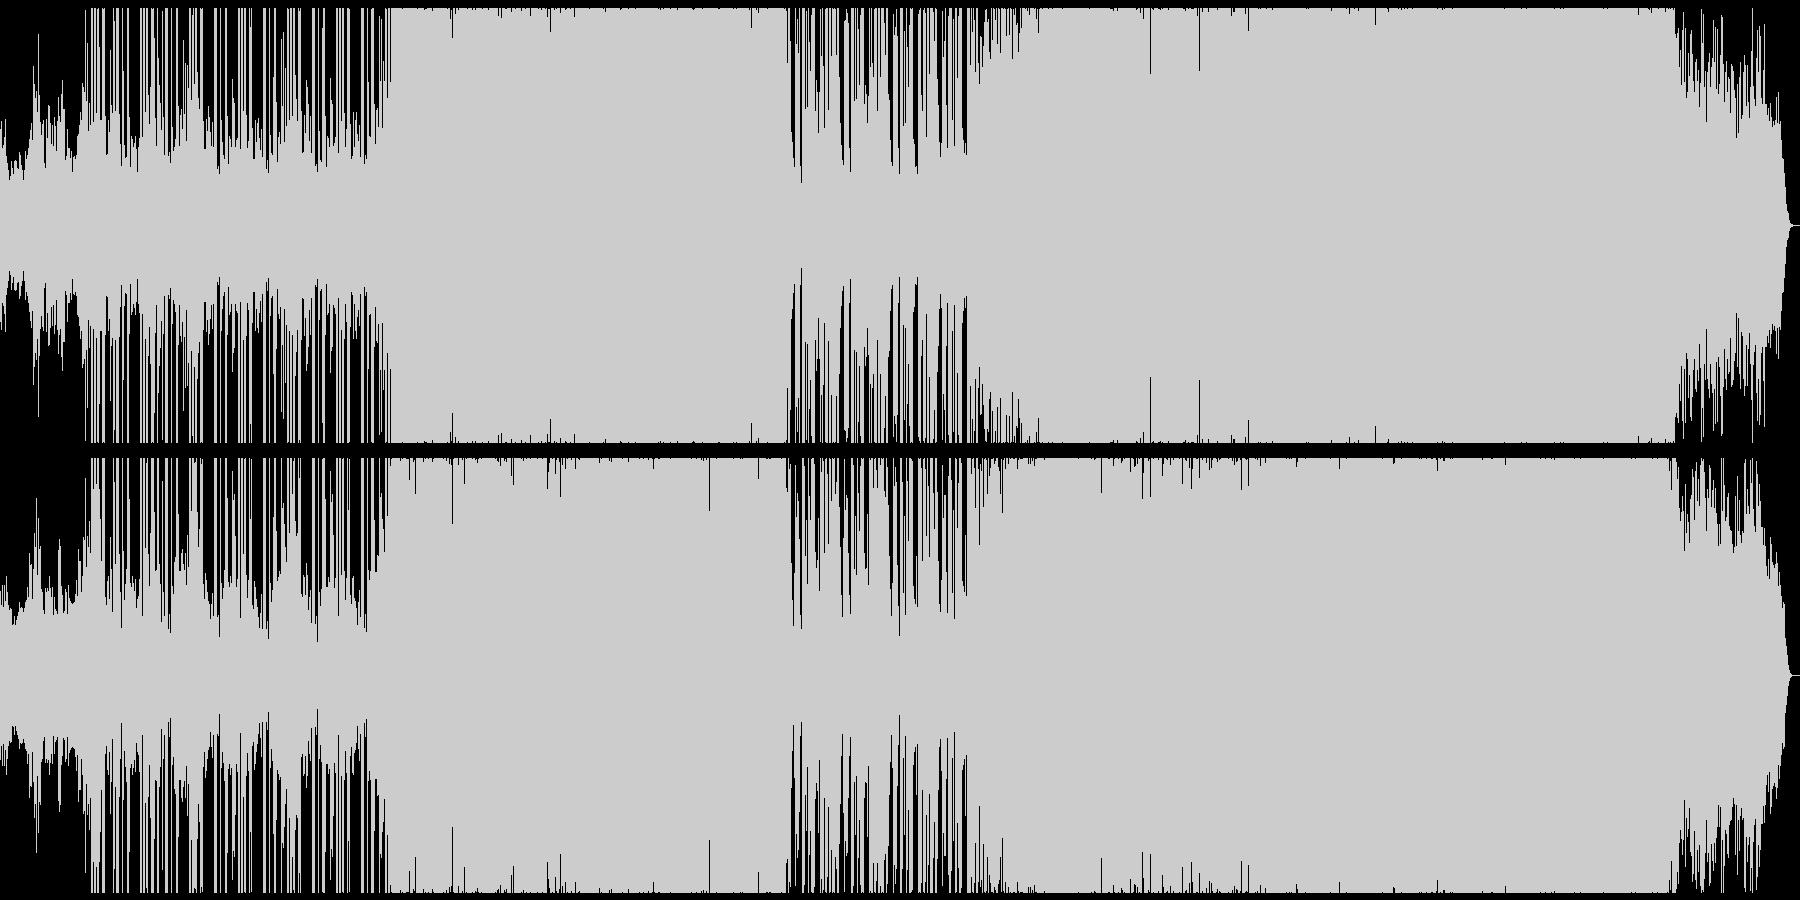 ブラスとシンセのバトルゲームBGMの未再生の波形